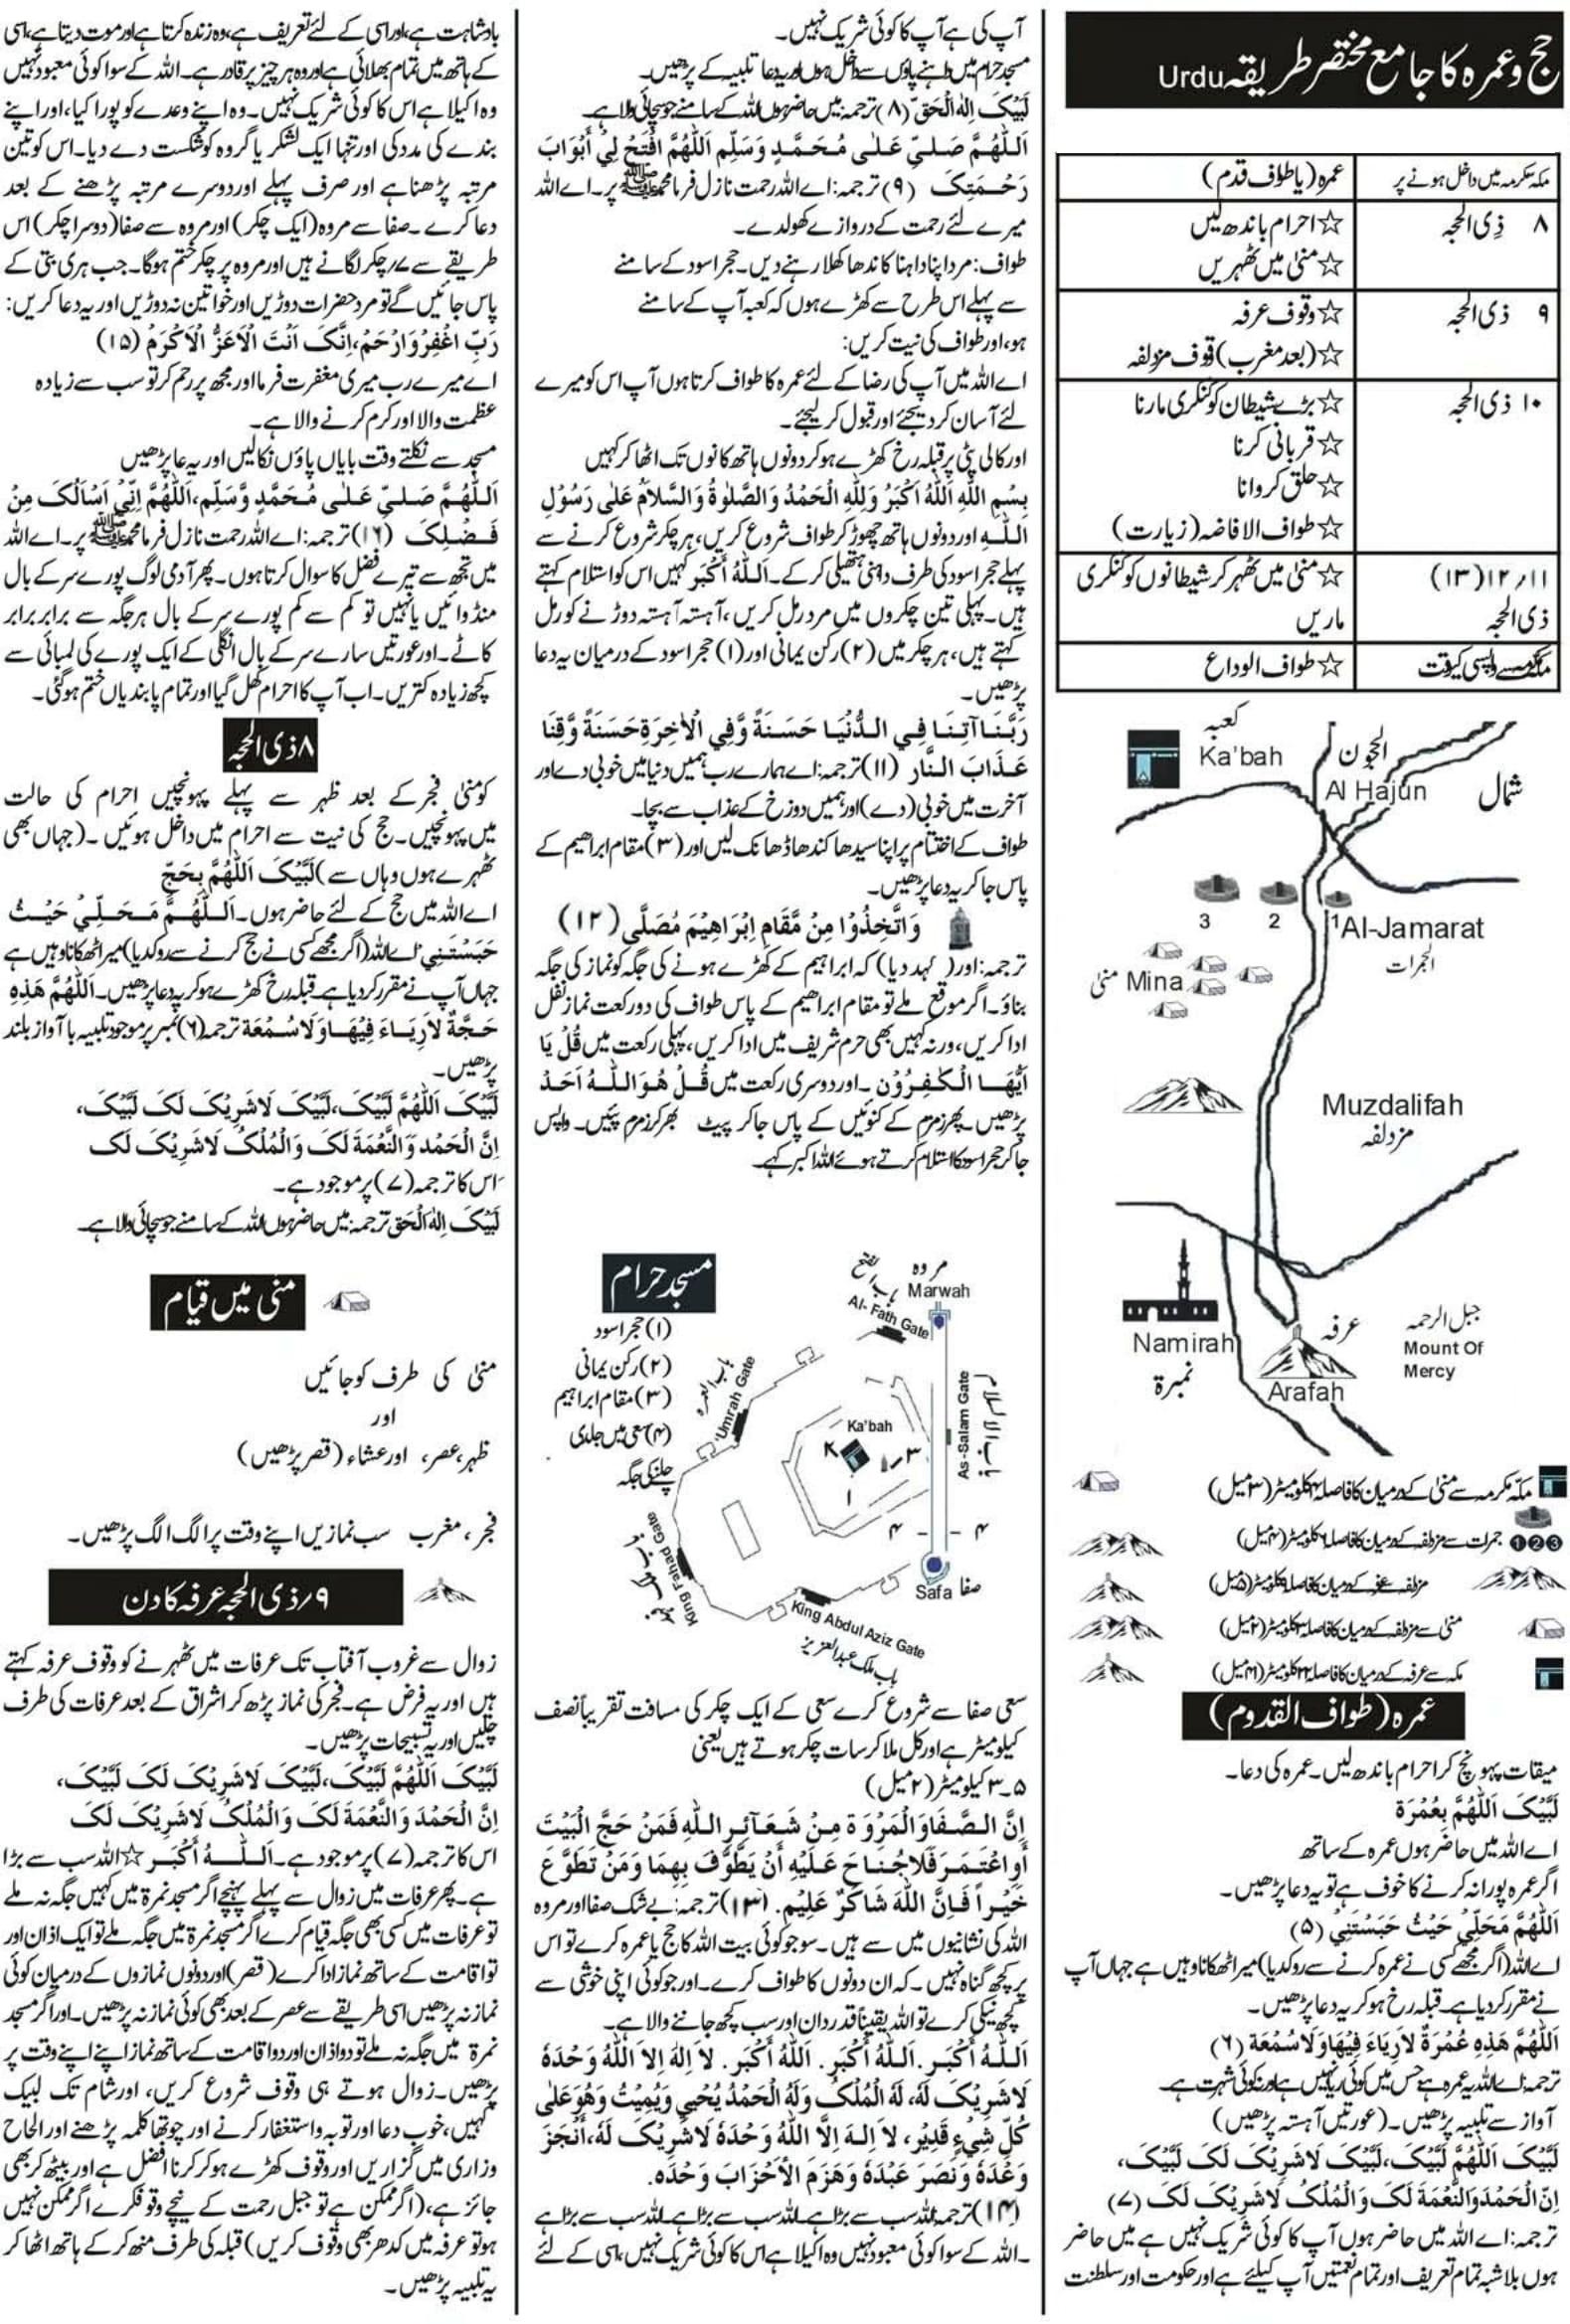 Hajj Guide in Urdu 1